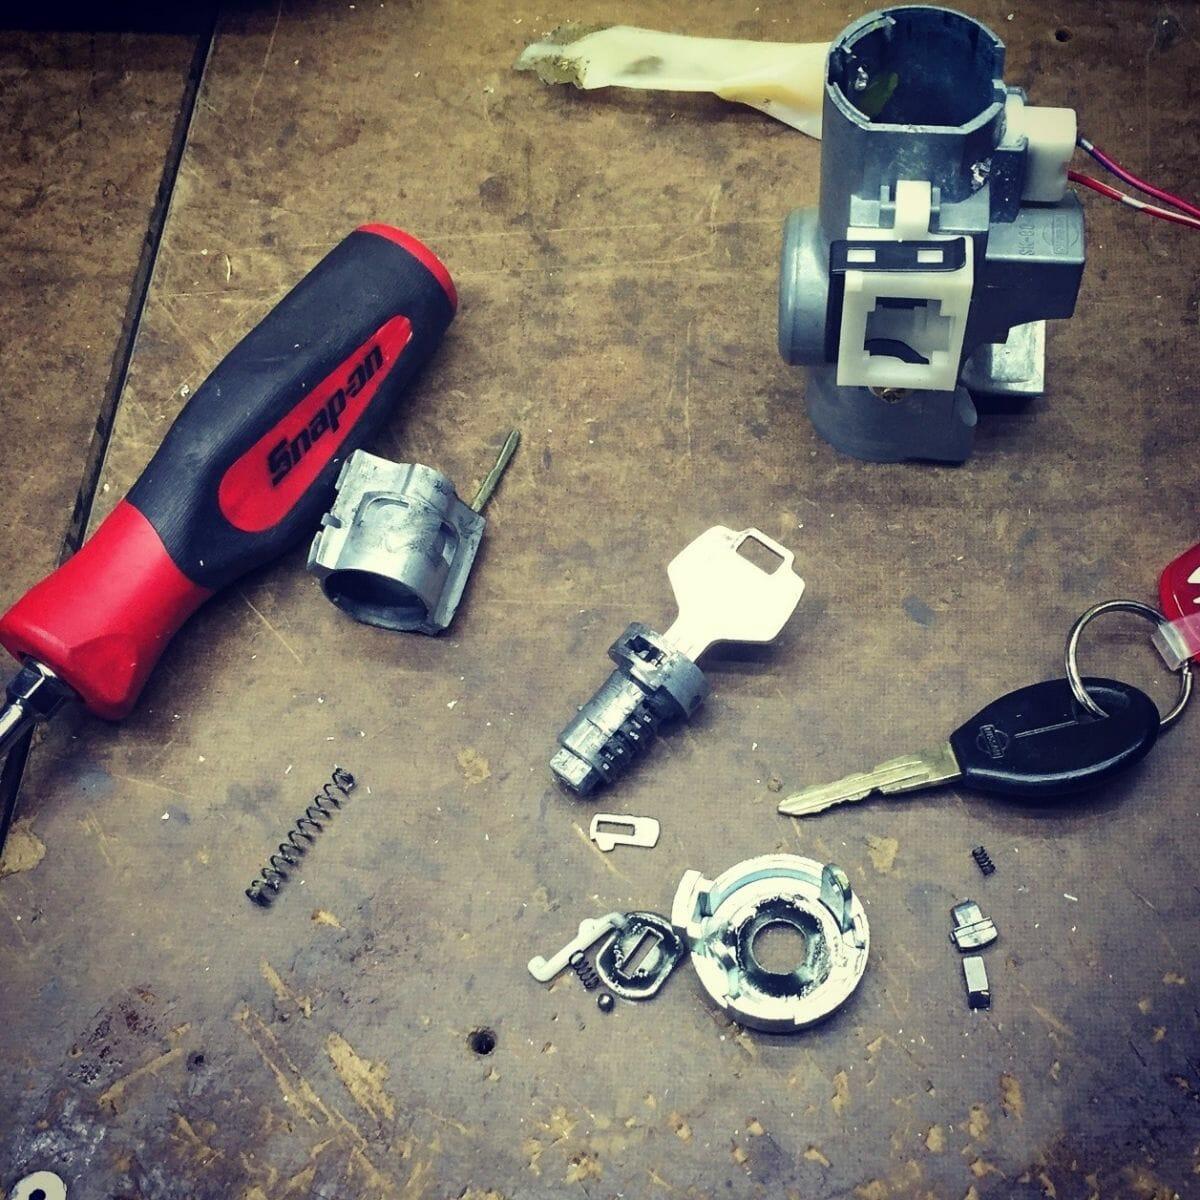 Subaru Outback ignition repair